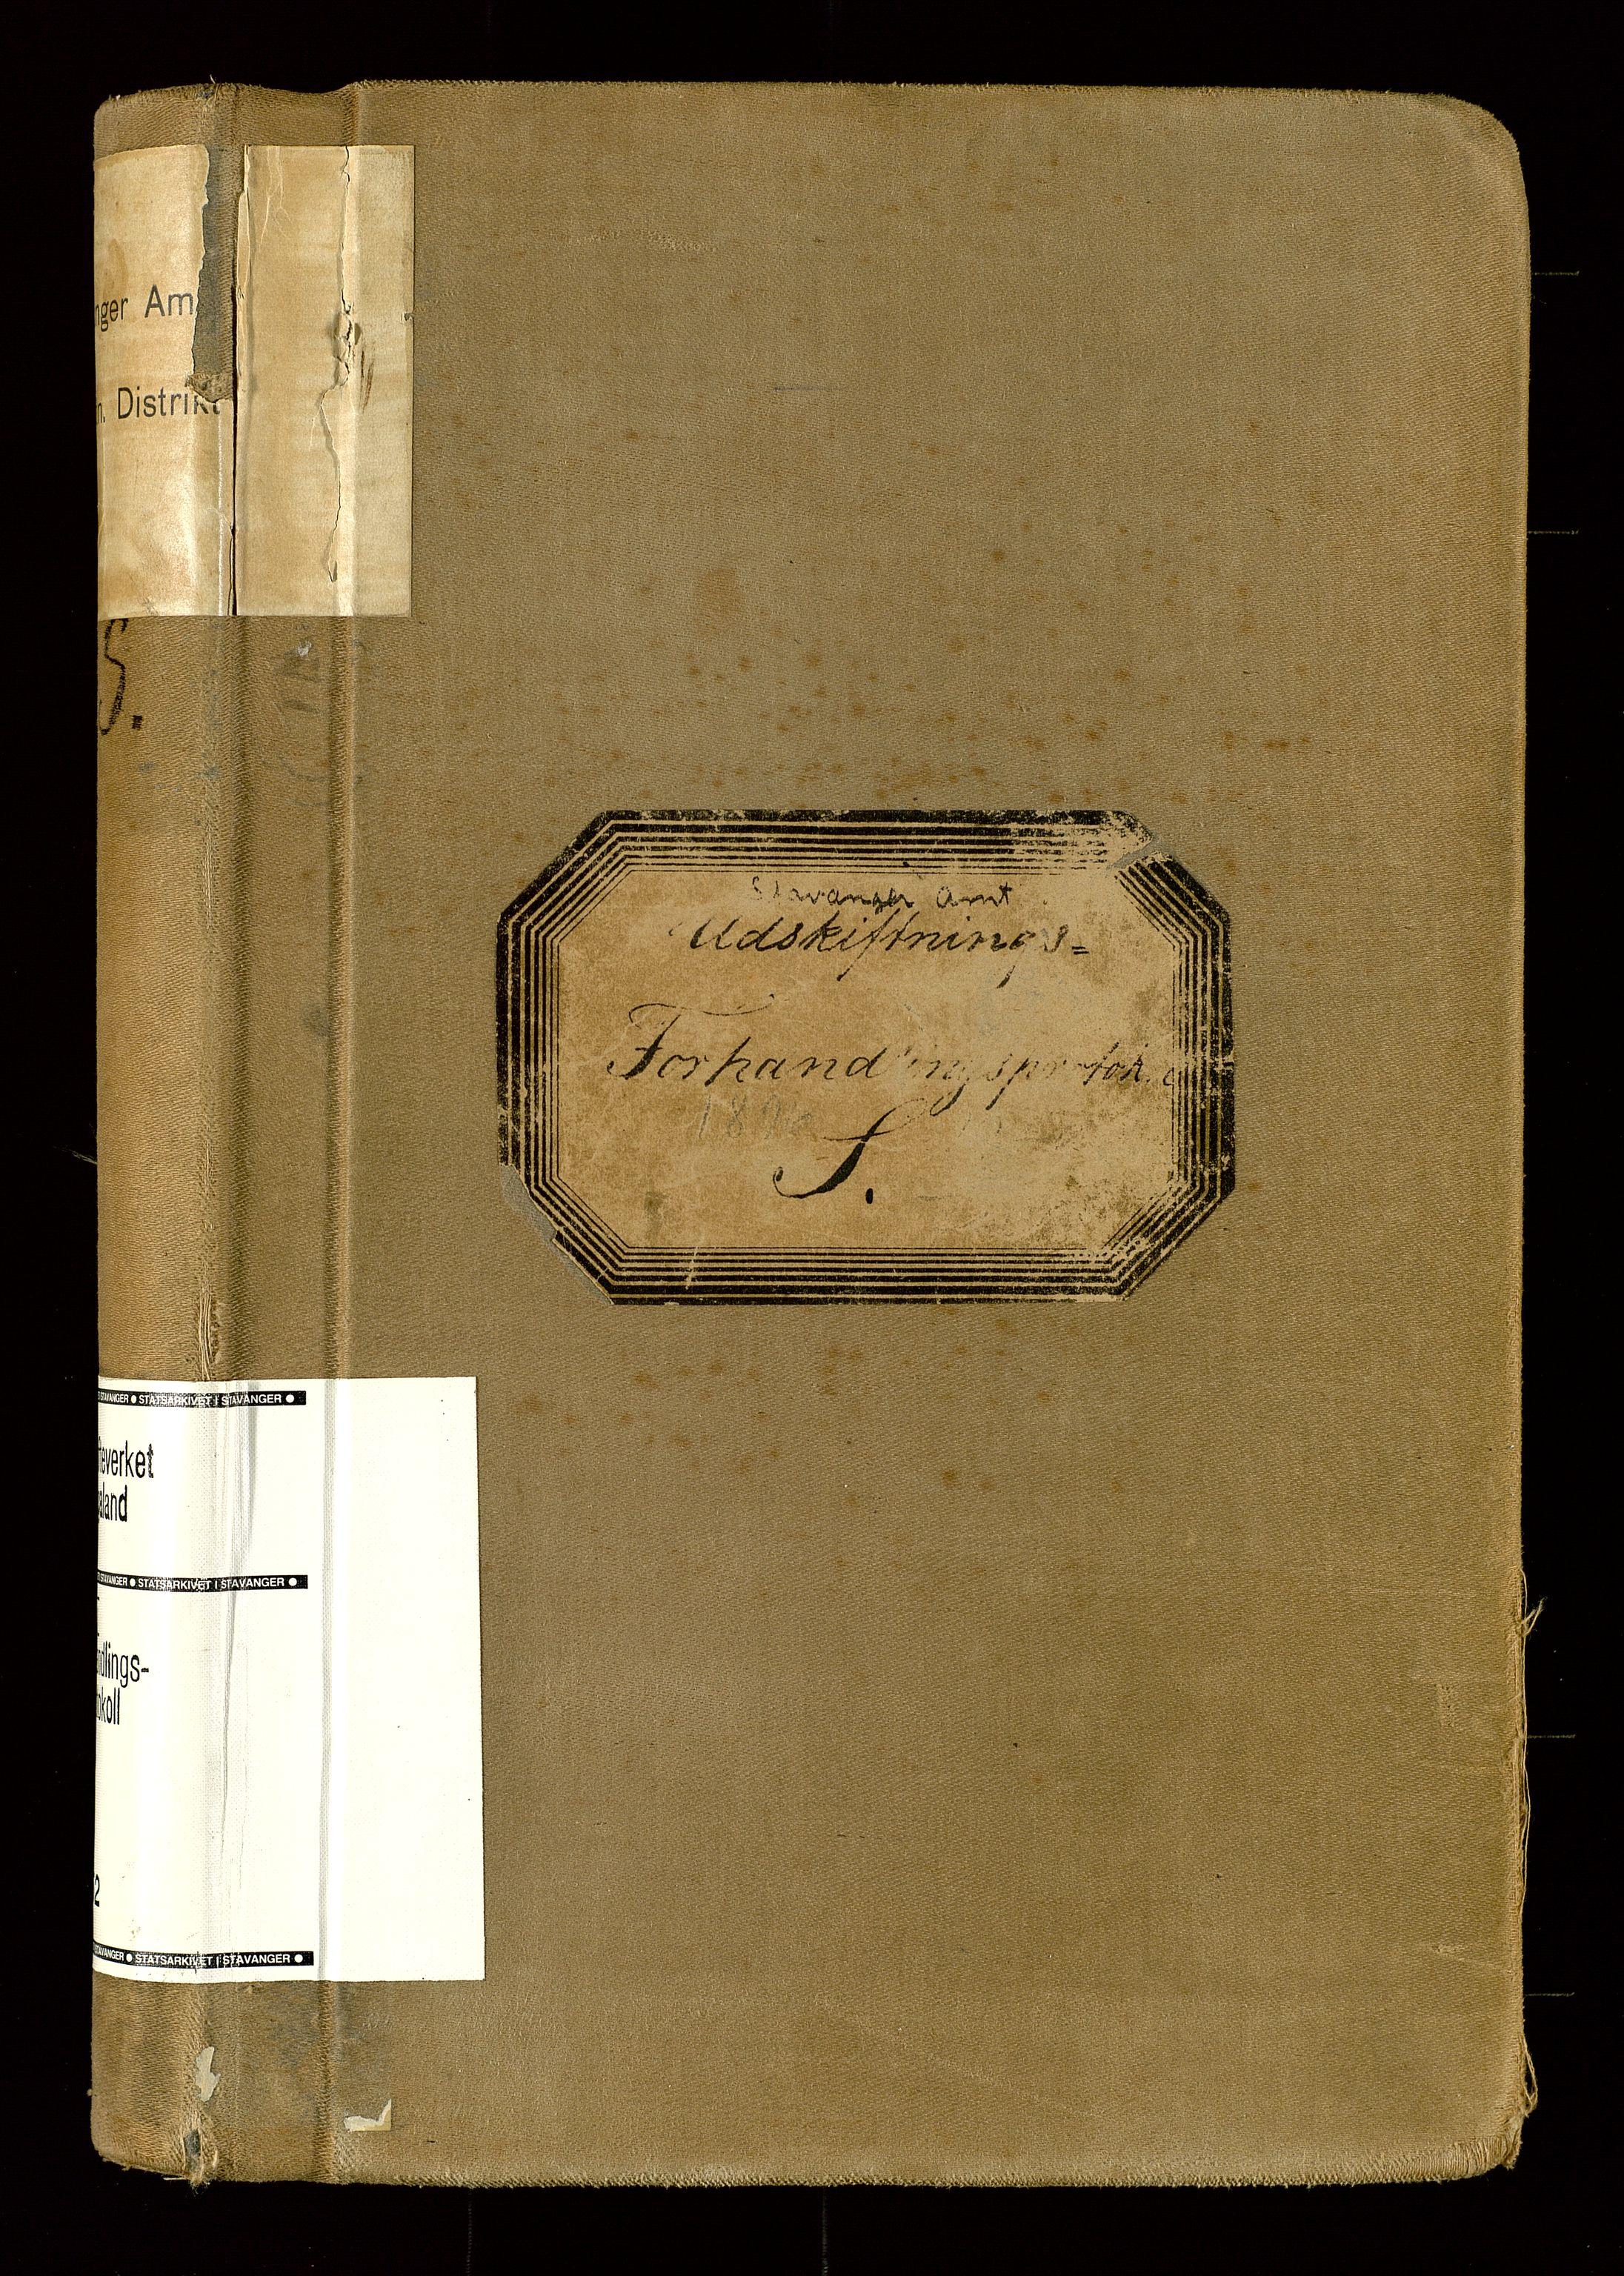 SAST, Rogaland jordskifterett, Oa/L0052: Forhandlingsprotokoll, 1896-1900